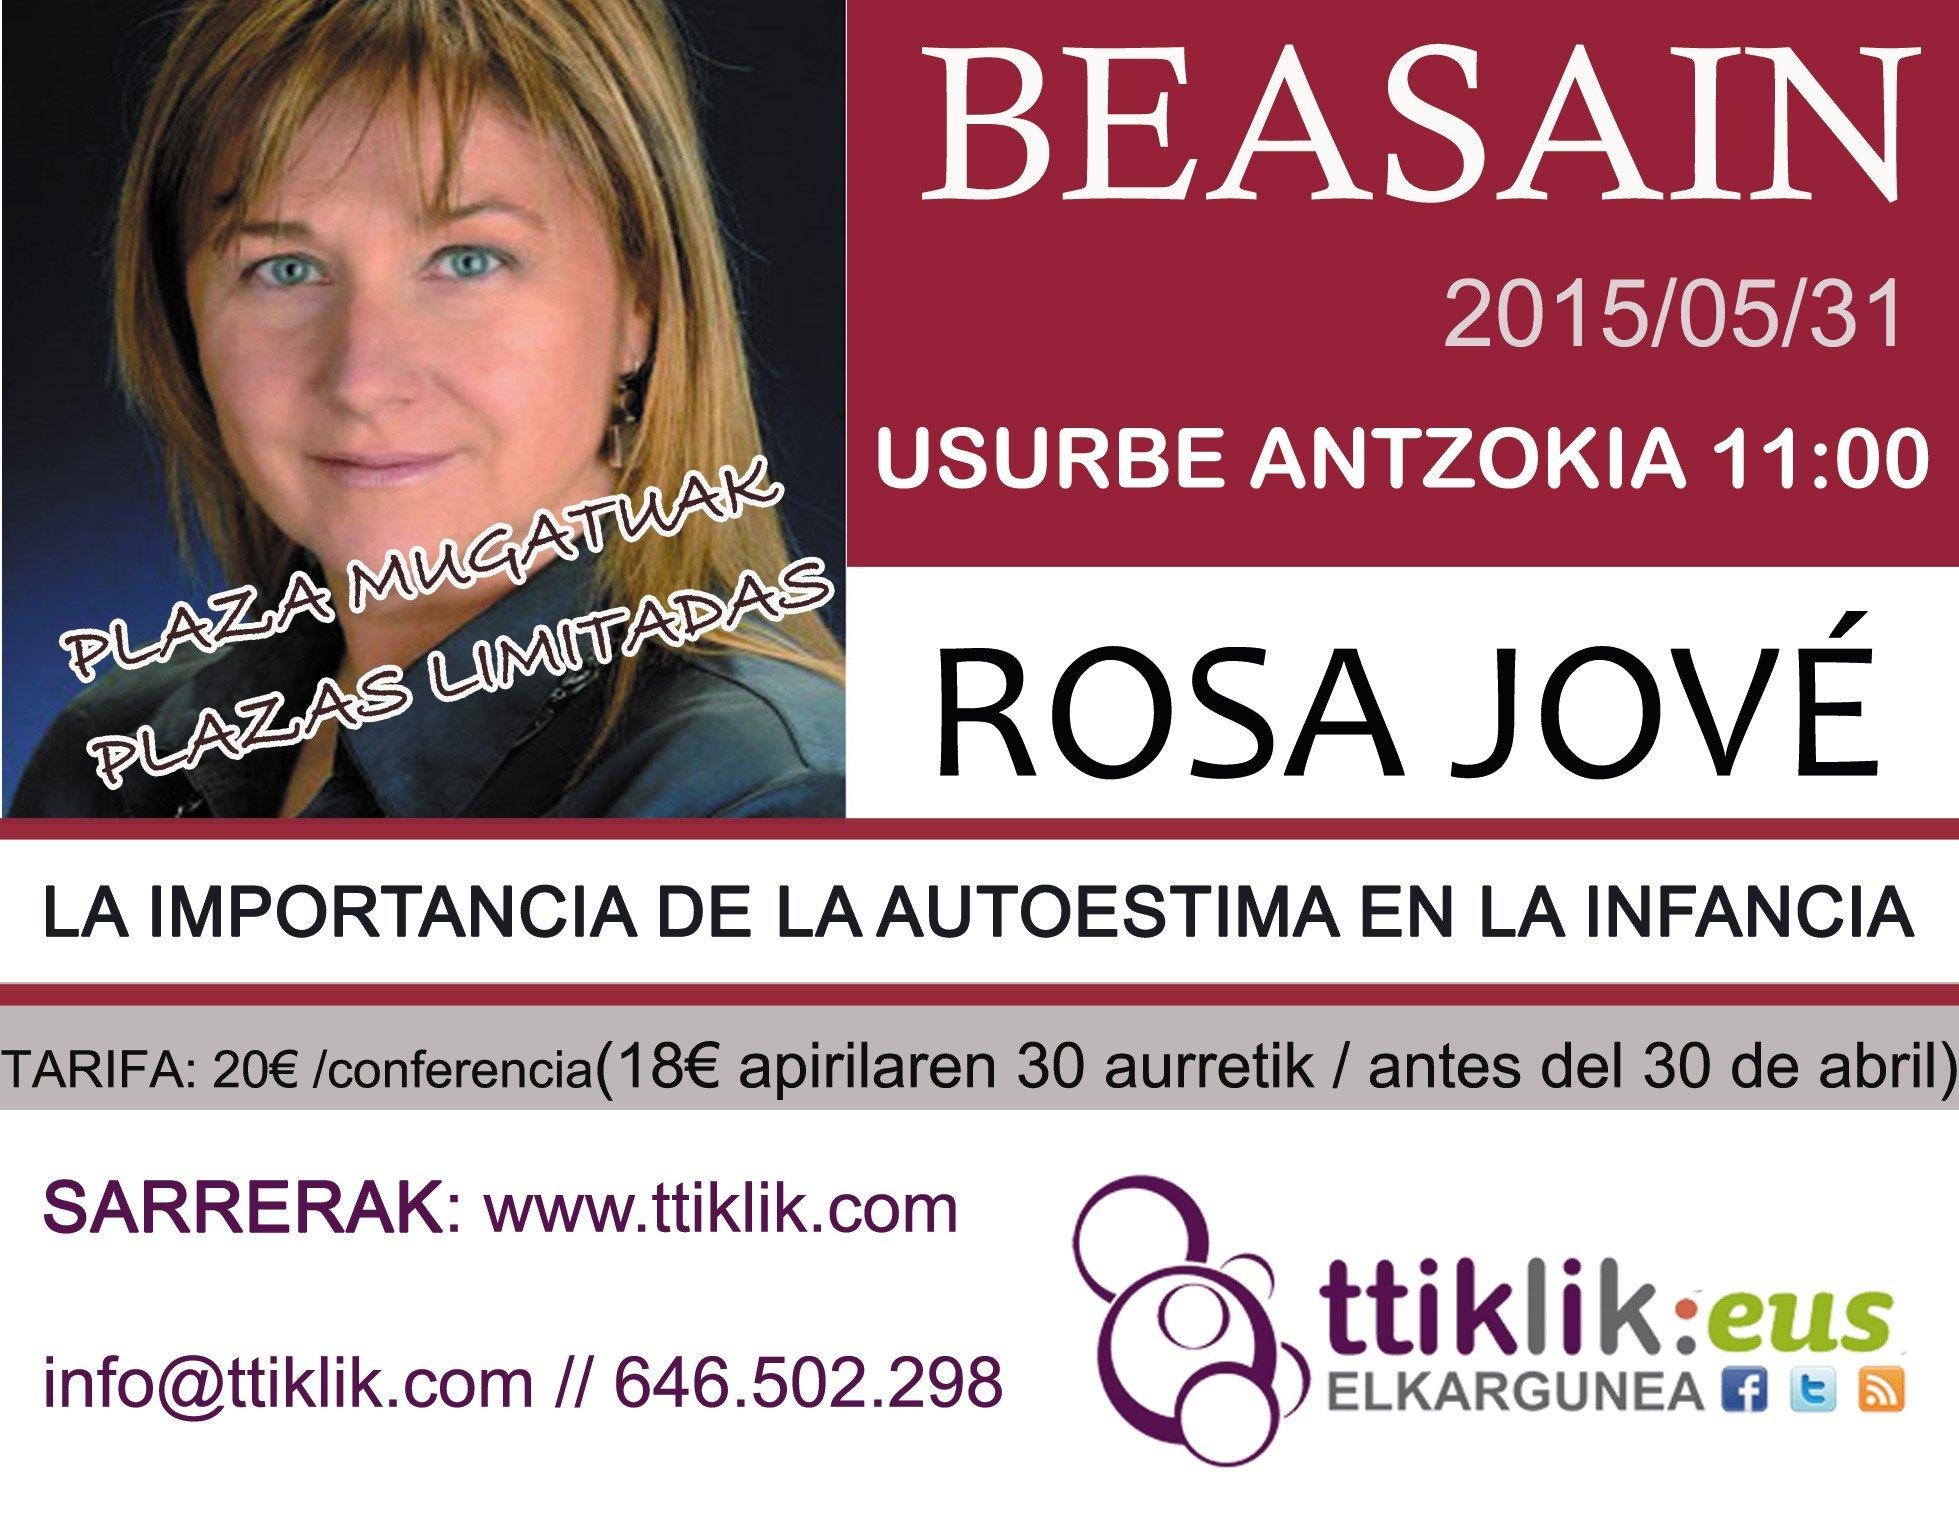 Photo of Rosa Jové 20 sarreren zozketa